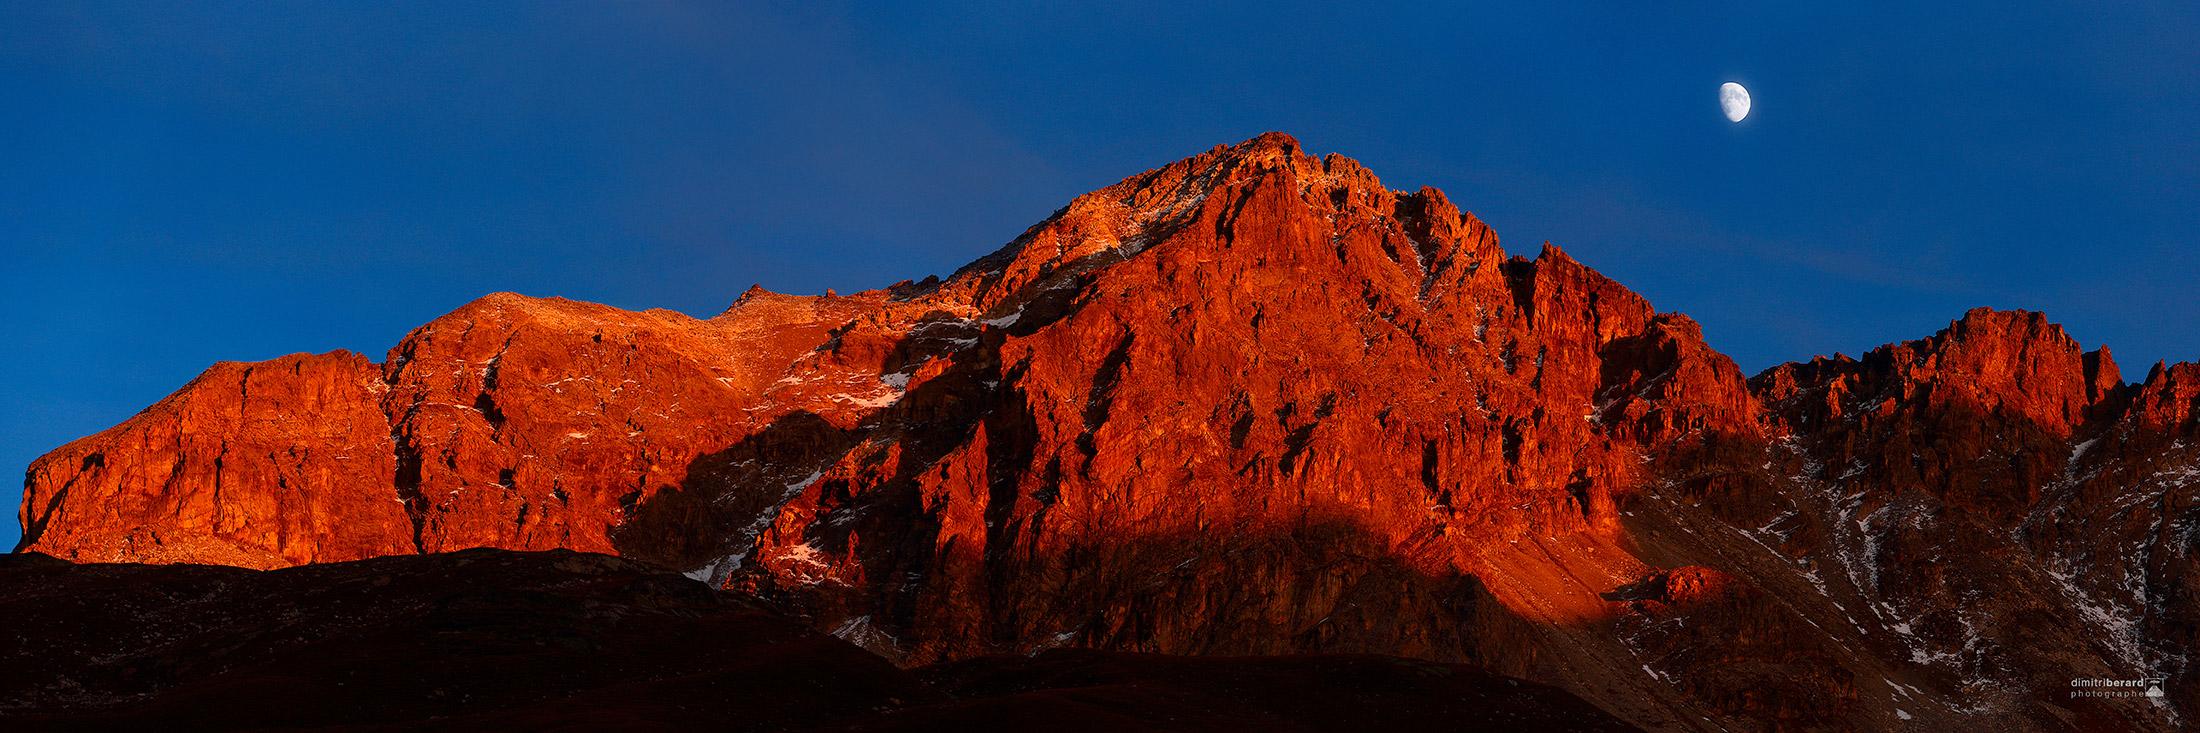 panoramique dimitri-berard pralognan-la-vanoise la-grande-casse alpes savoie tarentaise courchevel maurienne haute-savoie aiguille-de-la-vanoise la-grande-casse tignes mont-pourri